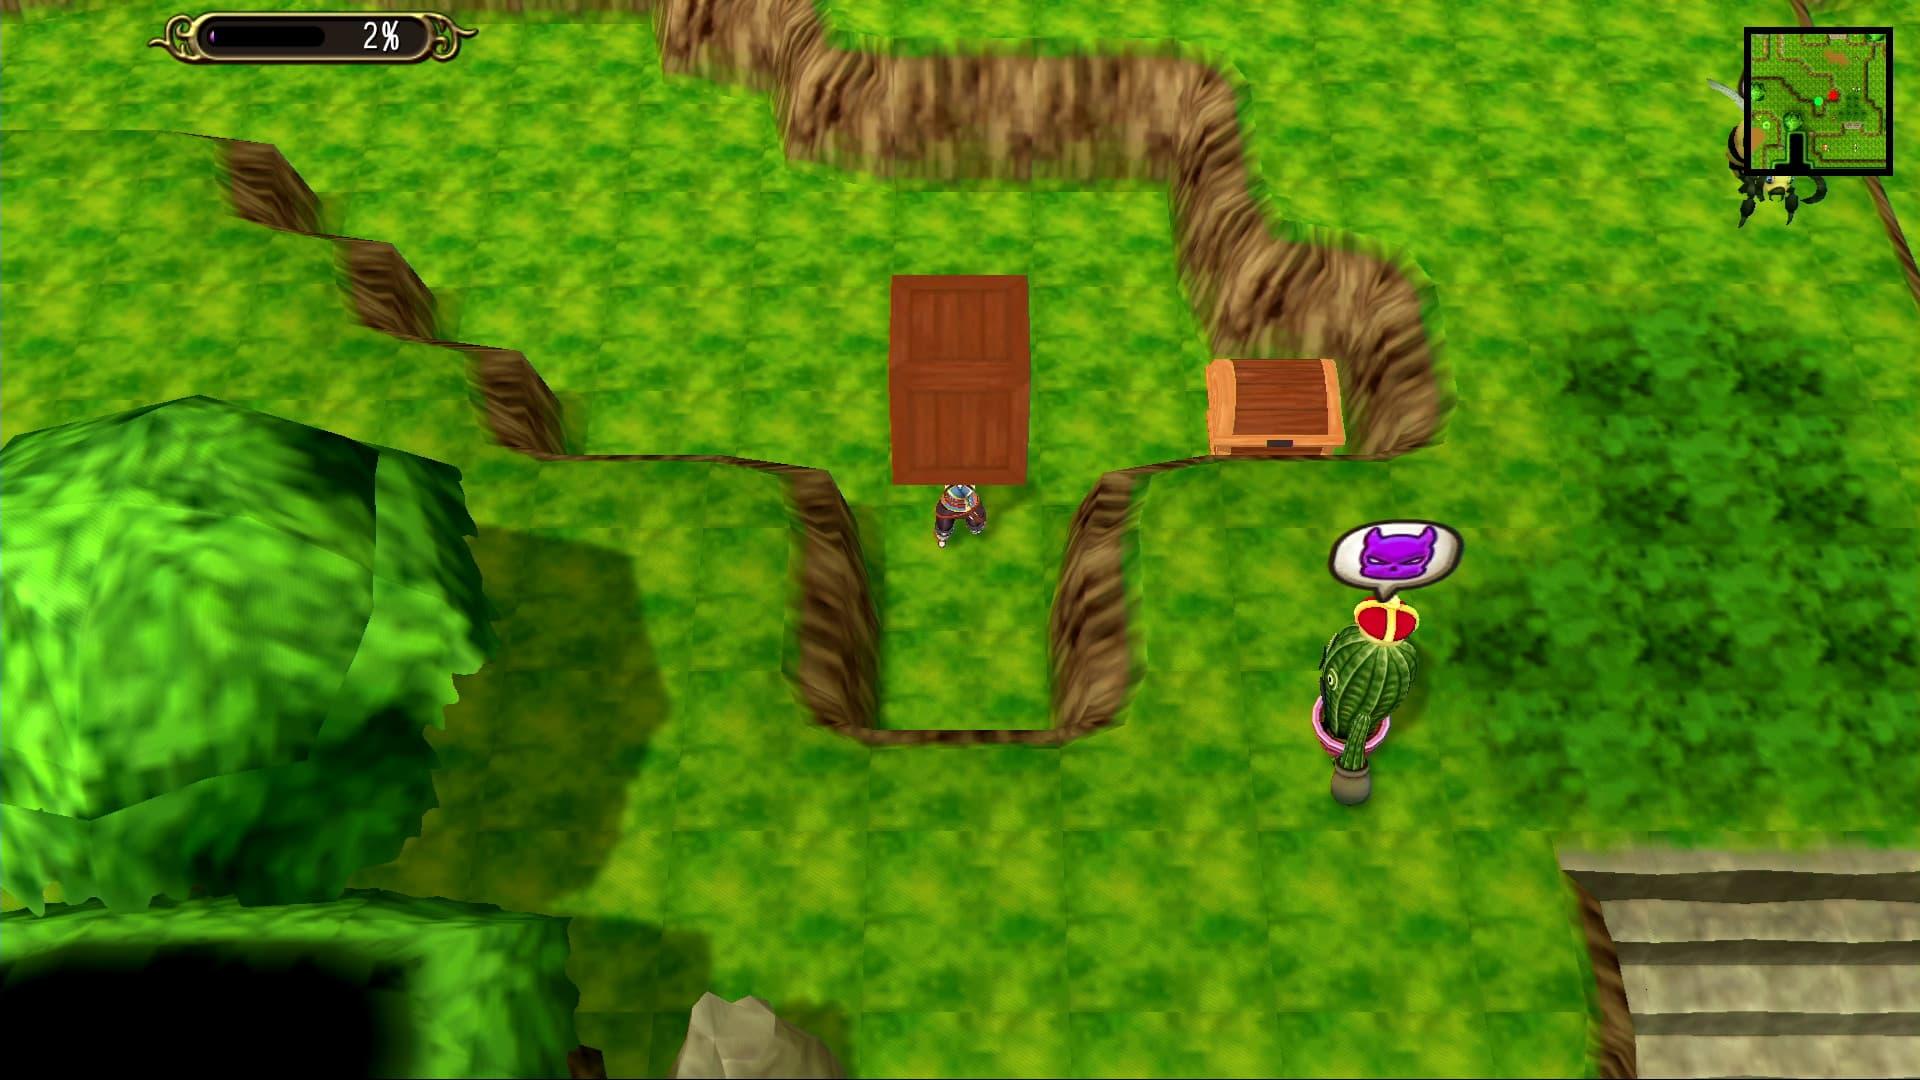 Sephirothic Stories Xbox One